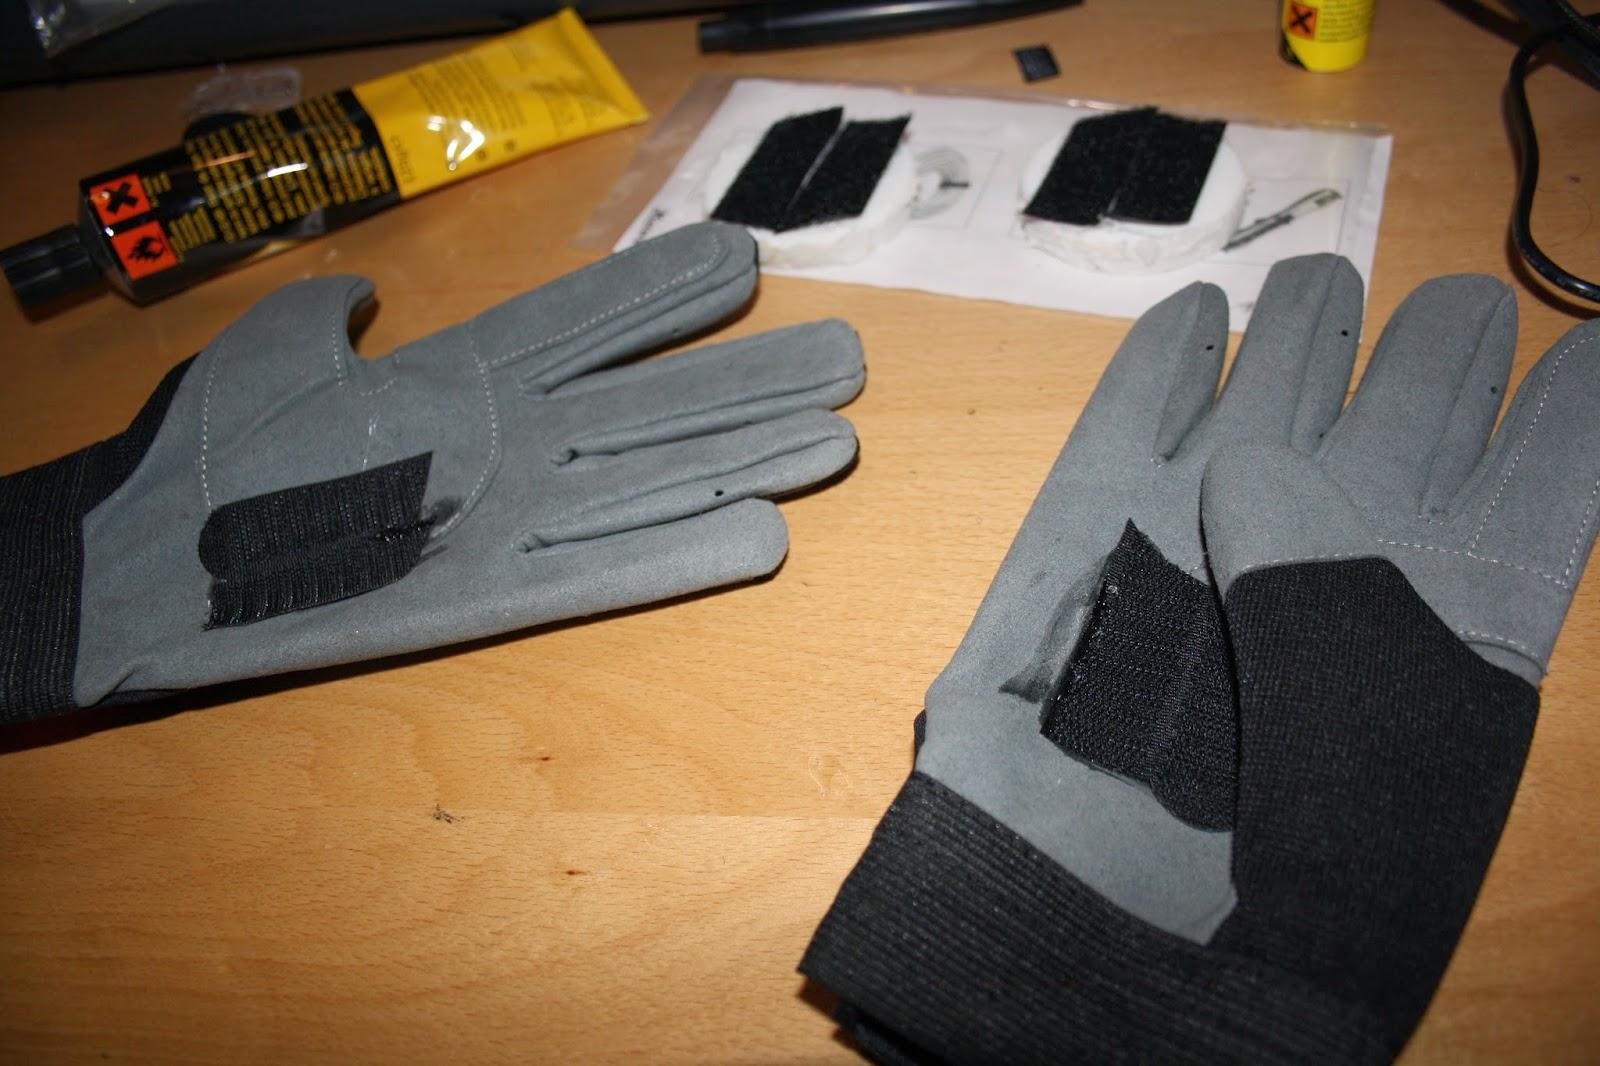 Komplett Neu Dave-it: DIY - Slide-Handschuhe - Longboarden EA47